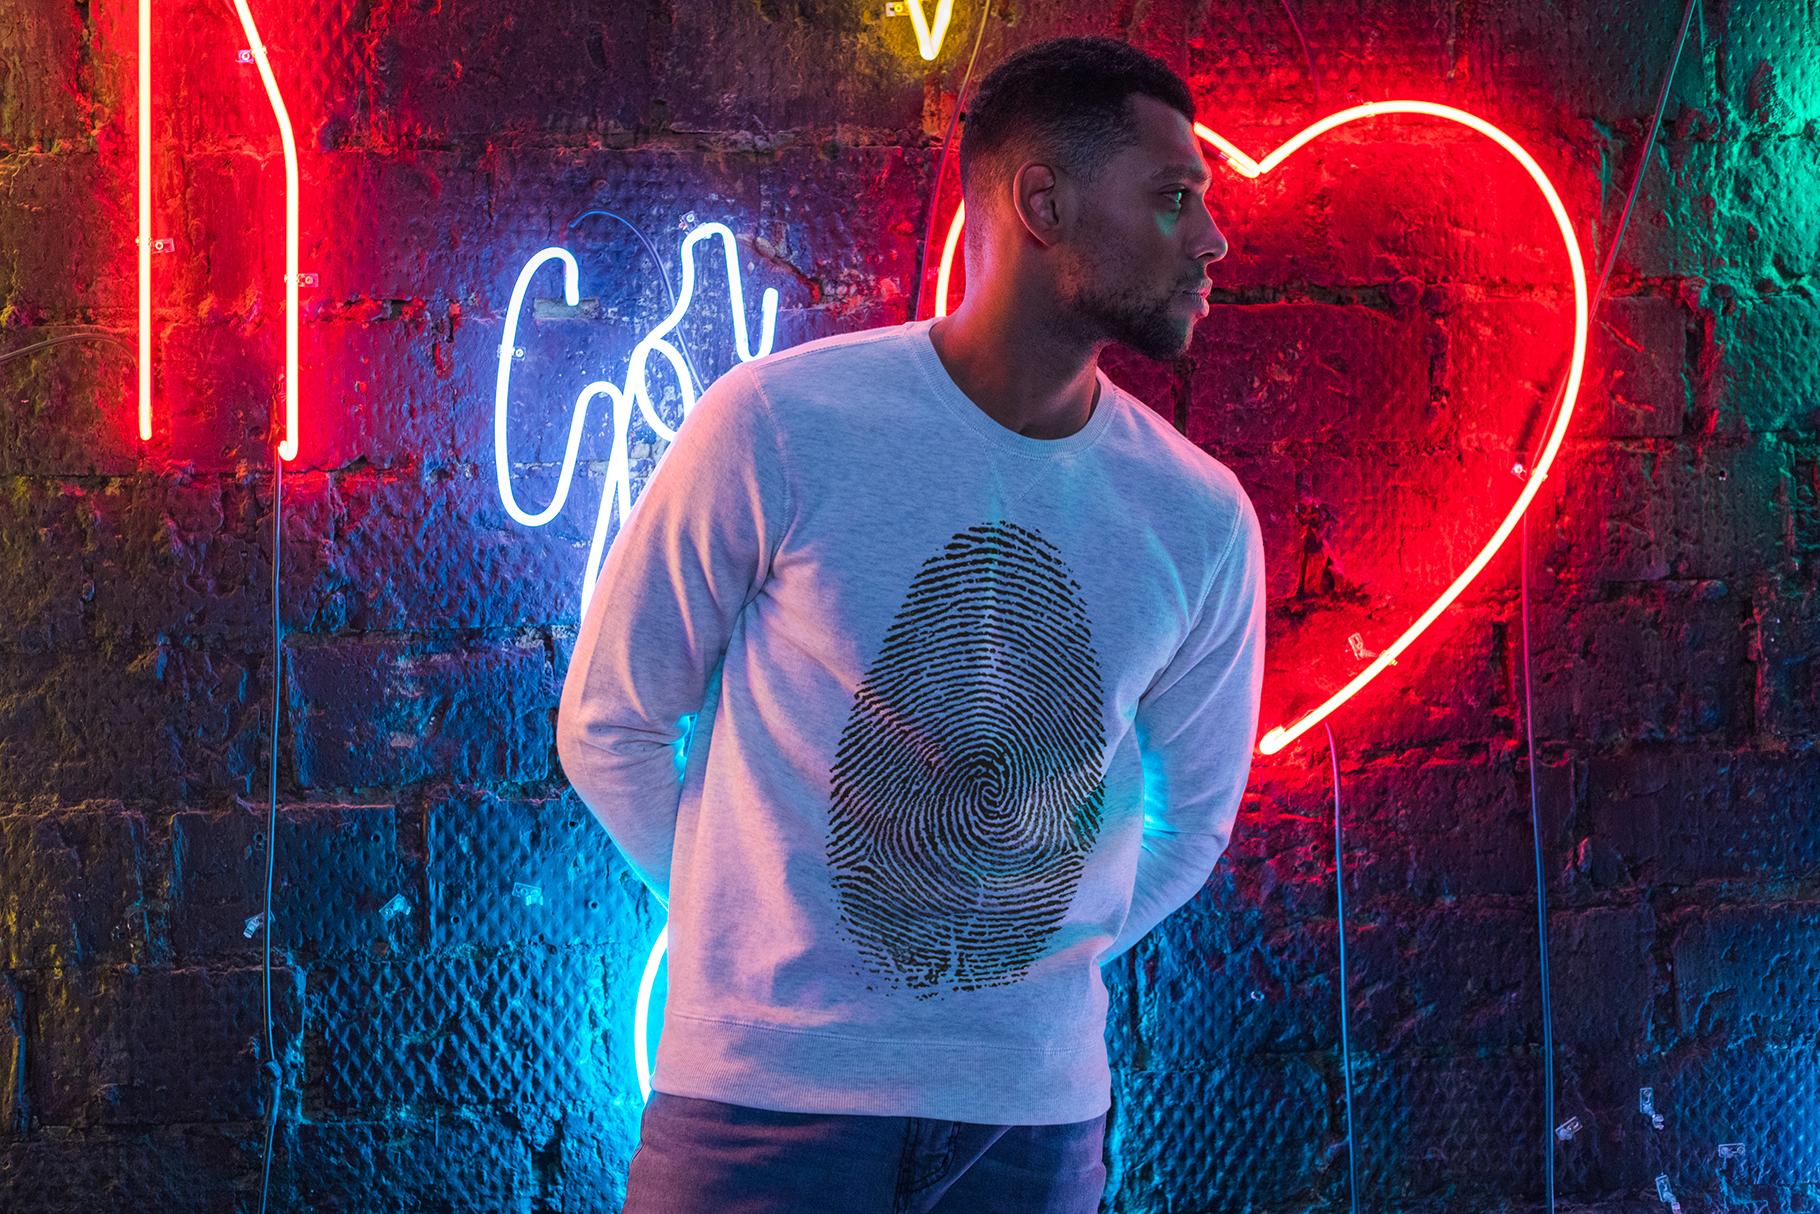 Sweatshirt Mock-Up 2018 #33 example image 12